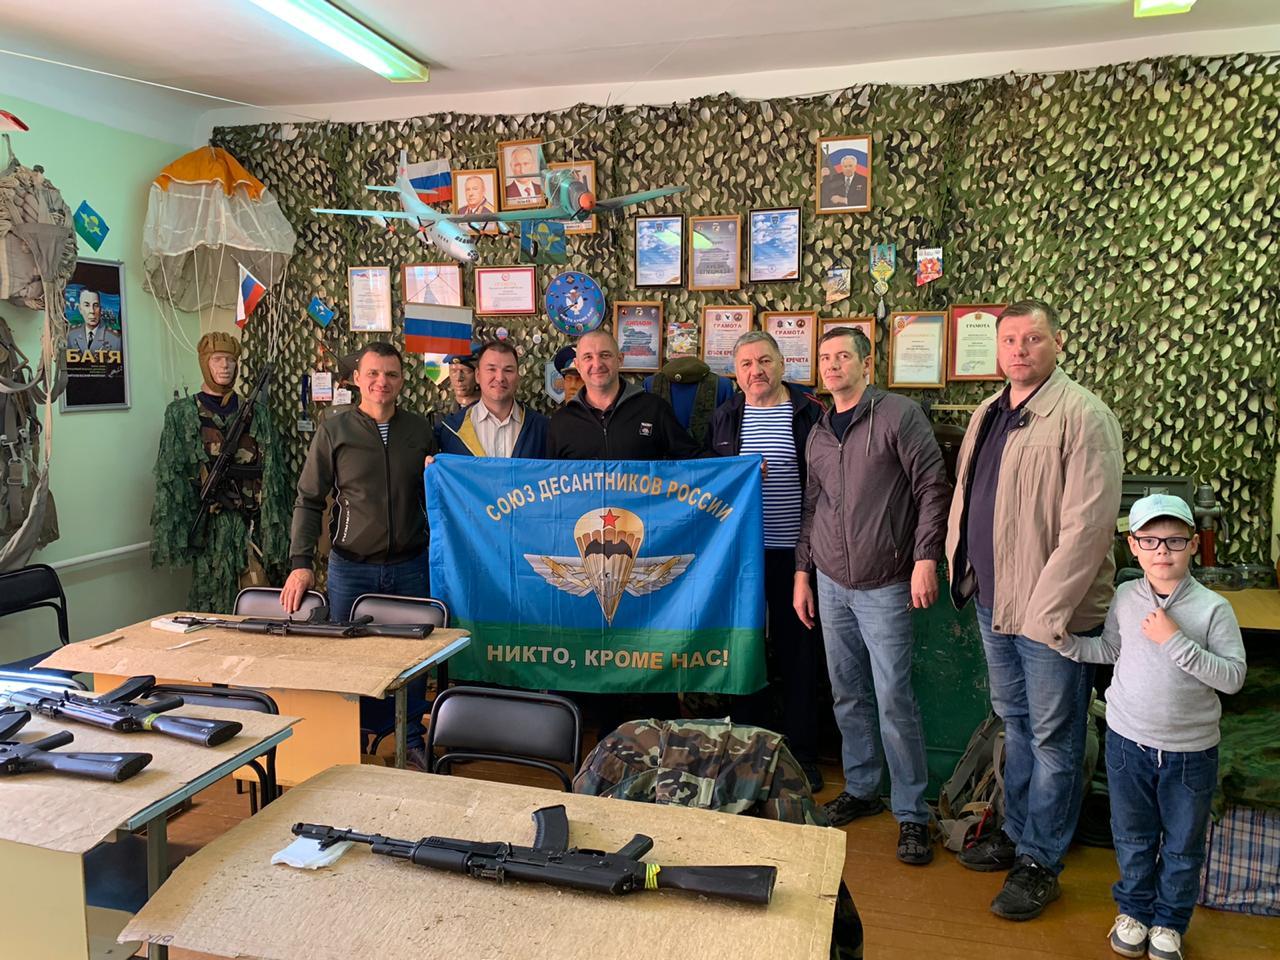 «Союз десантников Удмуртии» организовал и провел рабочую встречу руководителей можгинского, глазовского отделений и военно-патриотических клубов с целью обмена опытом